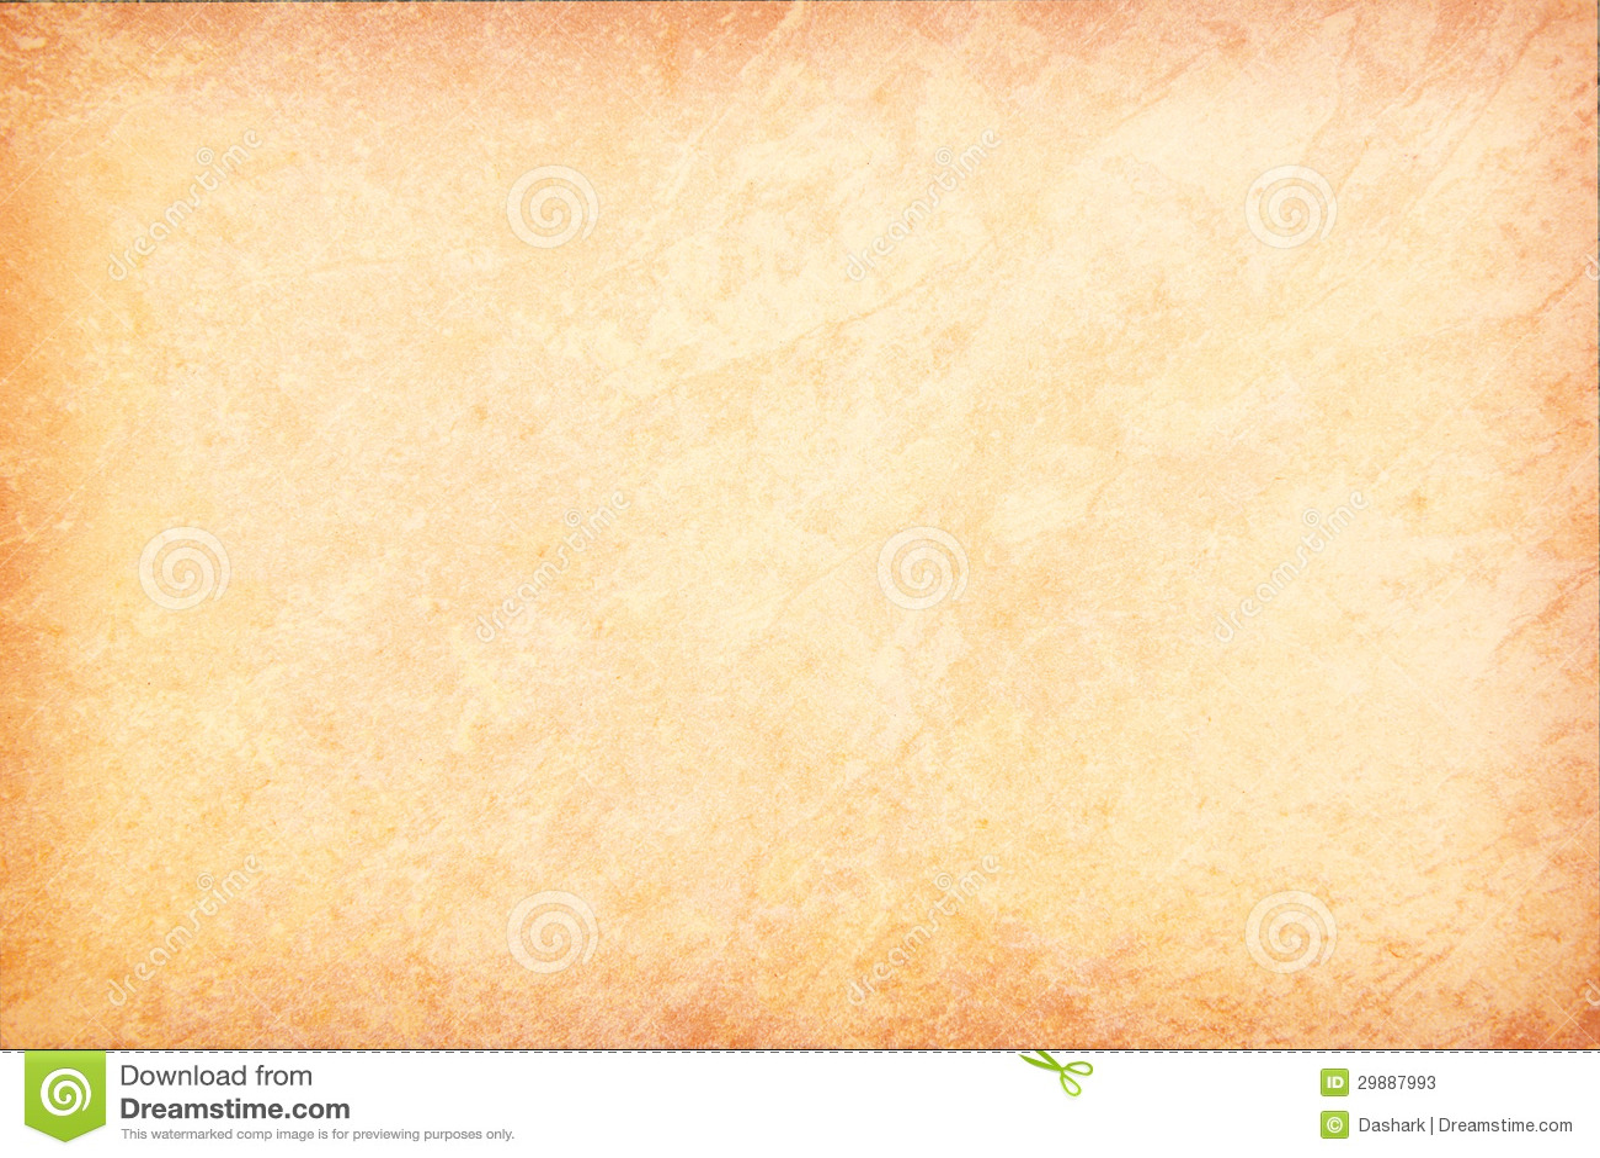 wallpaper technology vector